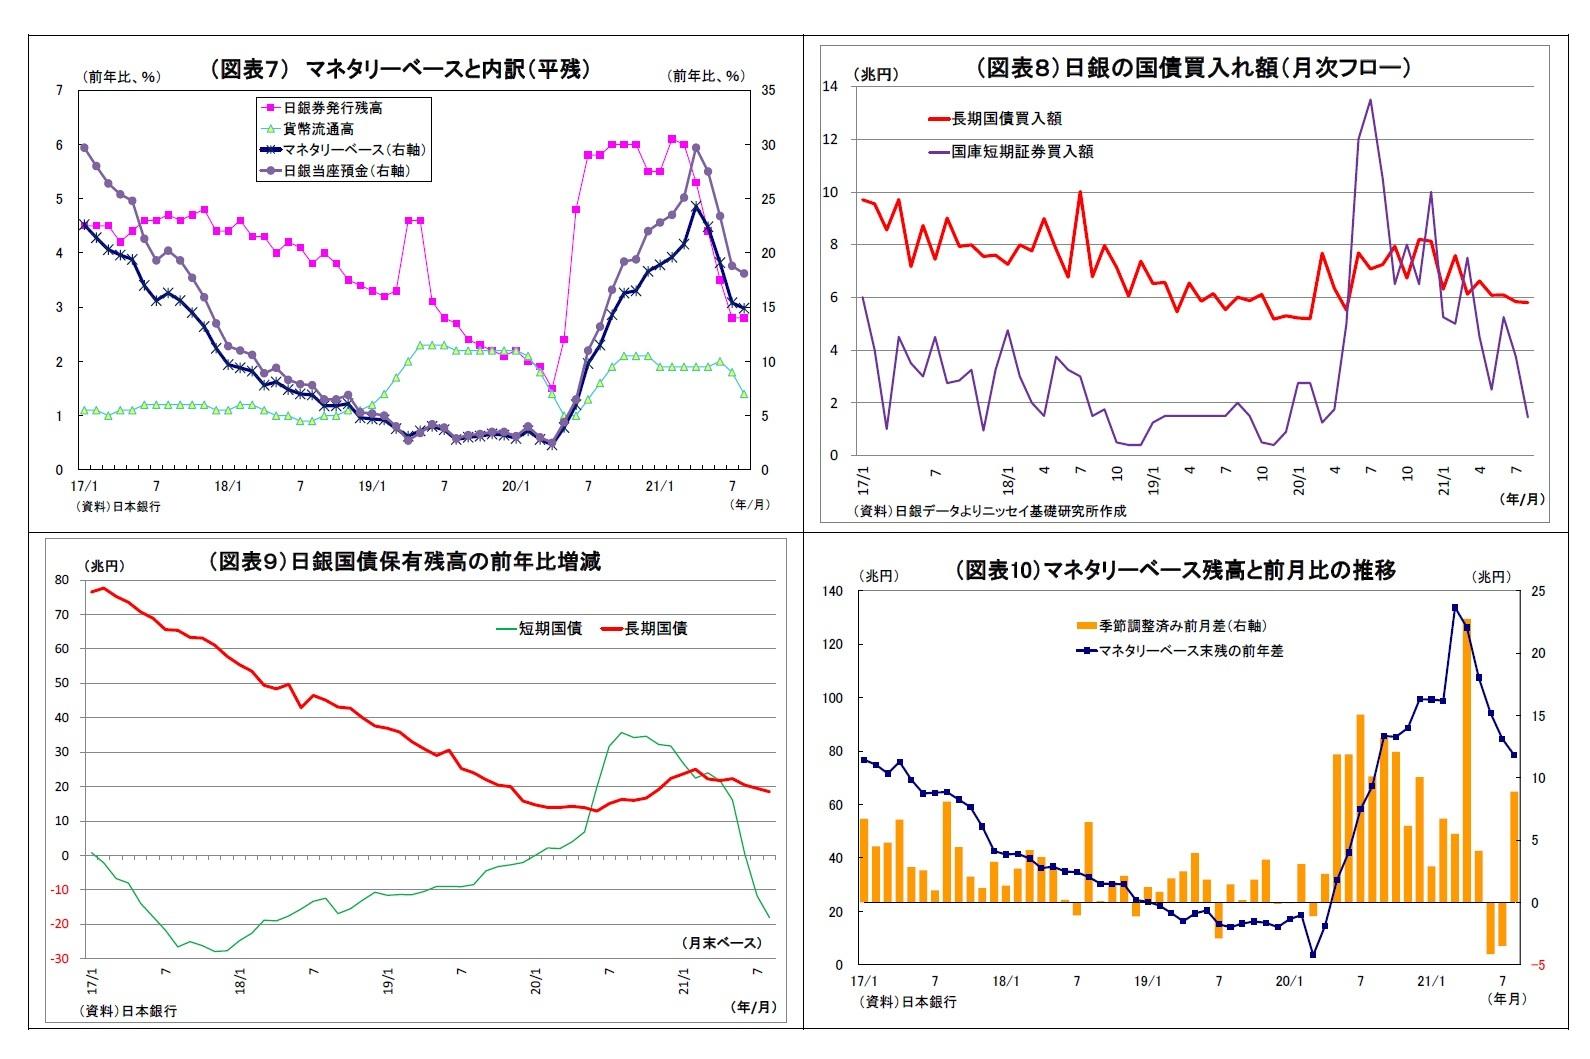 (図表7) マネタリーベースと内訳(平残)/(図表8)日銀の国債買入れ額(月次フロー)/(図表9)日銀国債保有残高の前年比増減/(図表10)マネタリーベース残高と前月比の推移